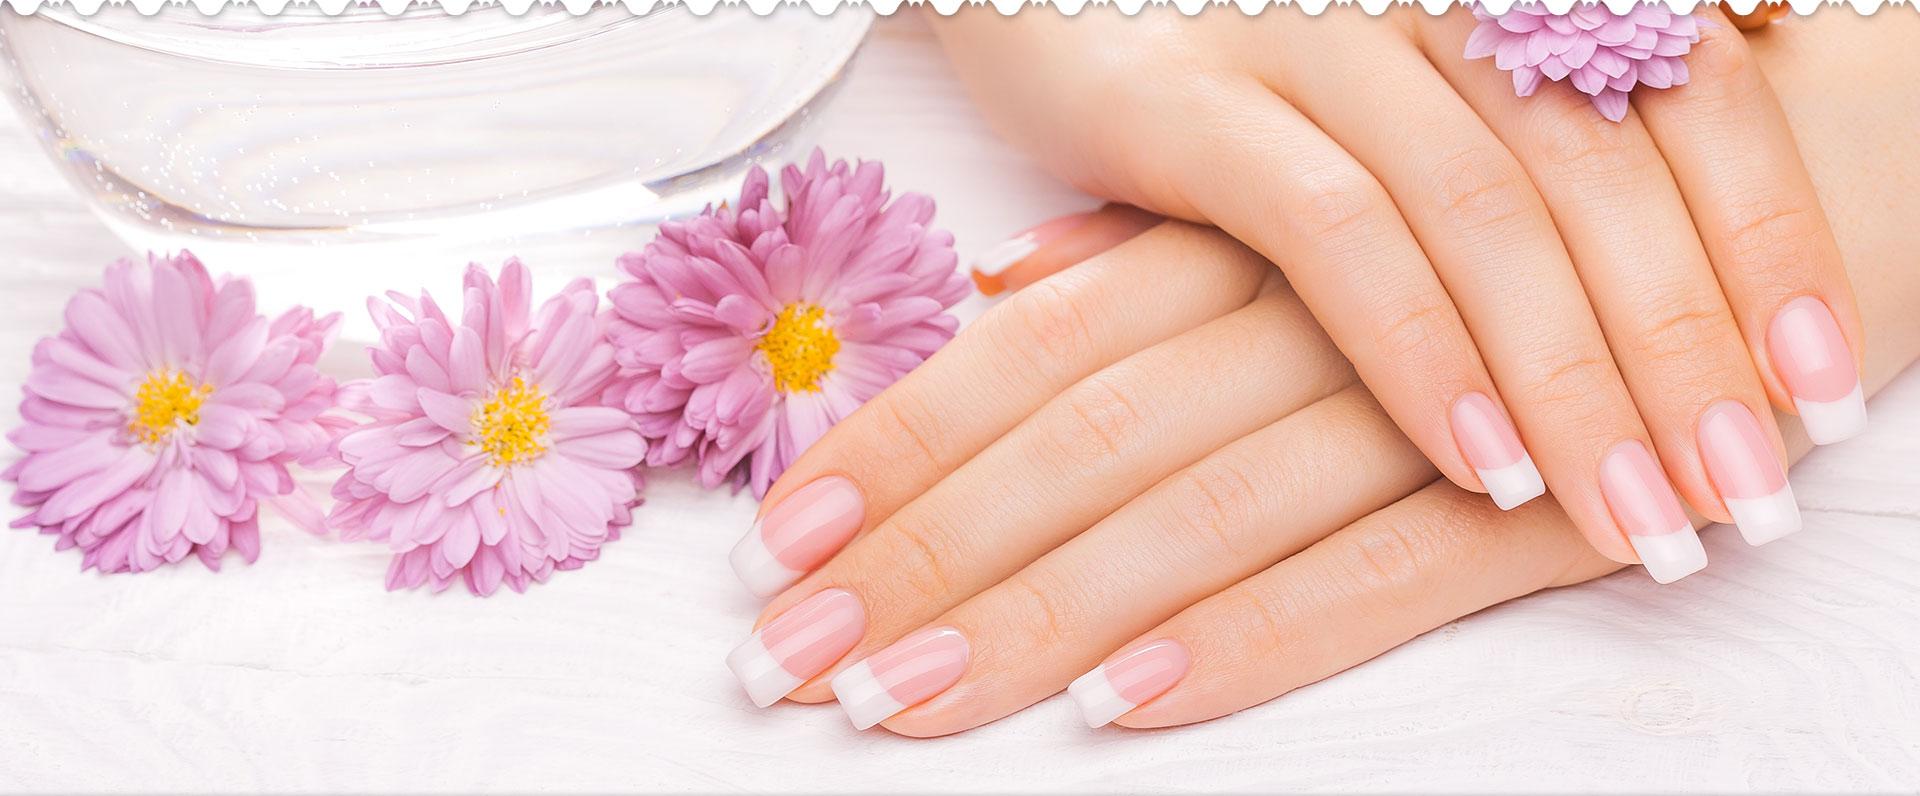 Java Nails Spa